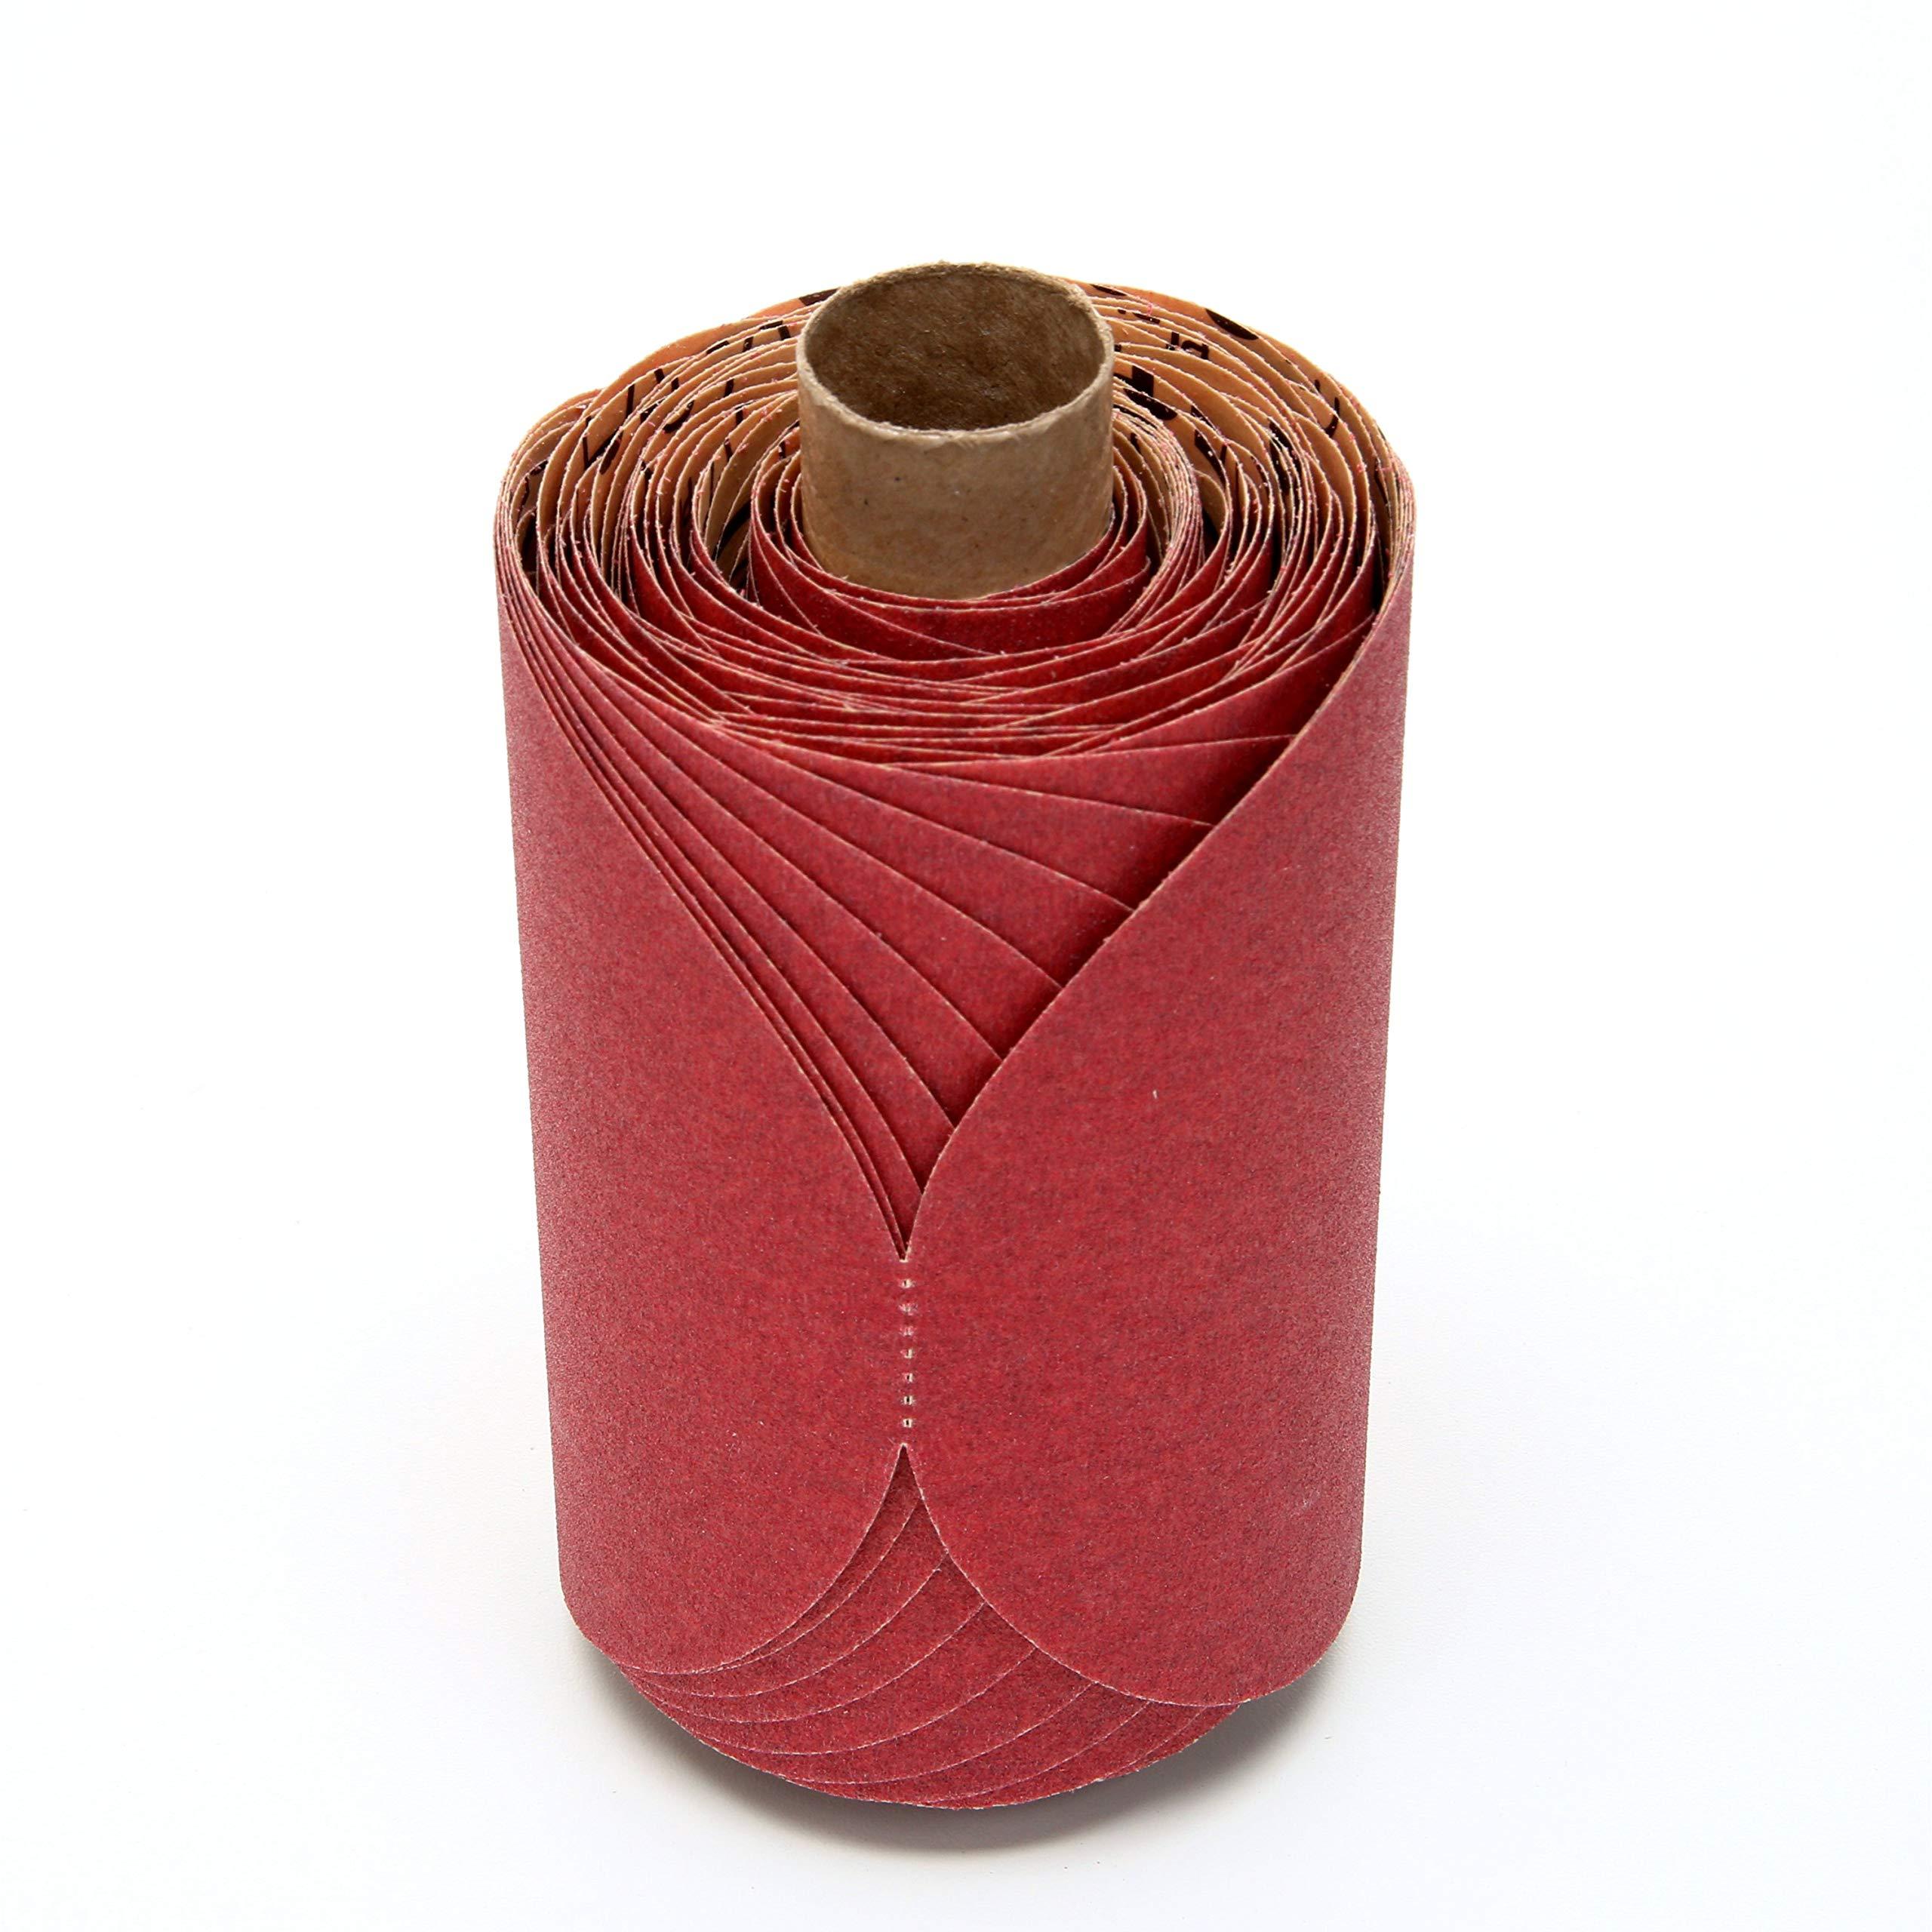 3M Red Abrasive PSA Disc, 01607, 5 in, P150, 100 discs per roll